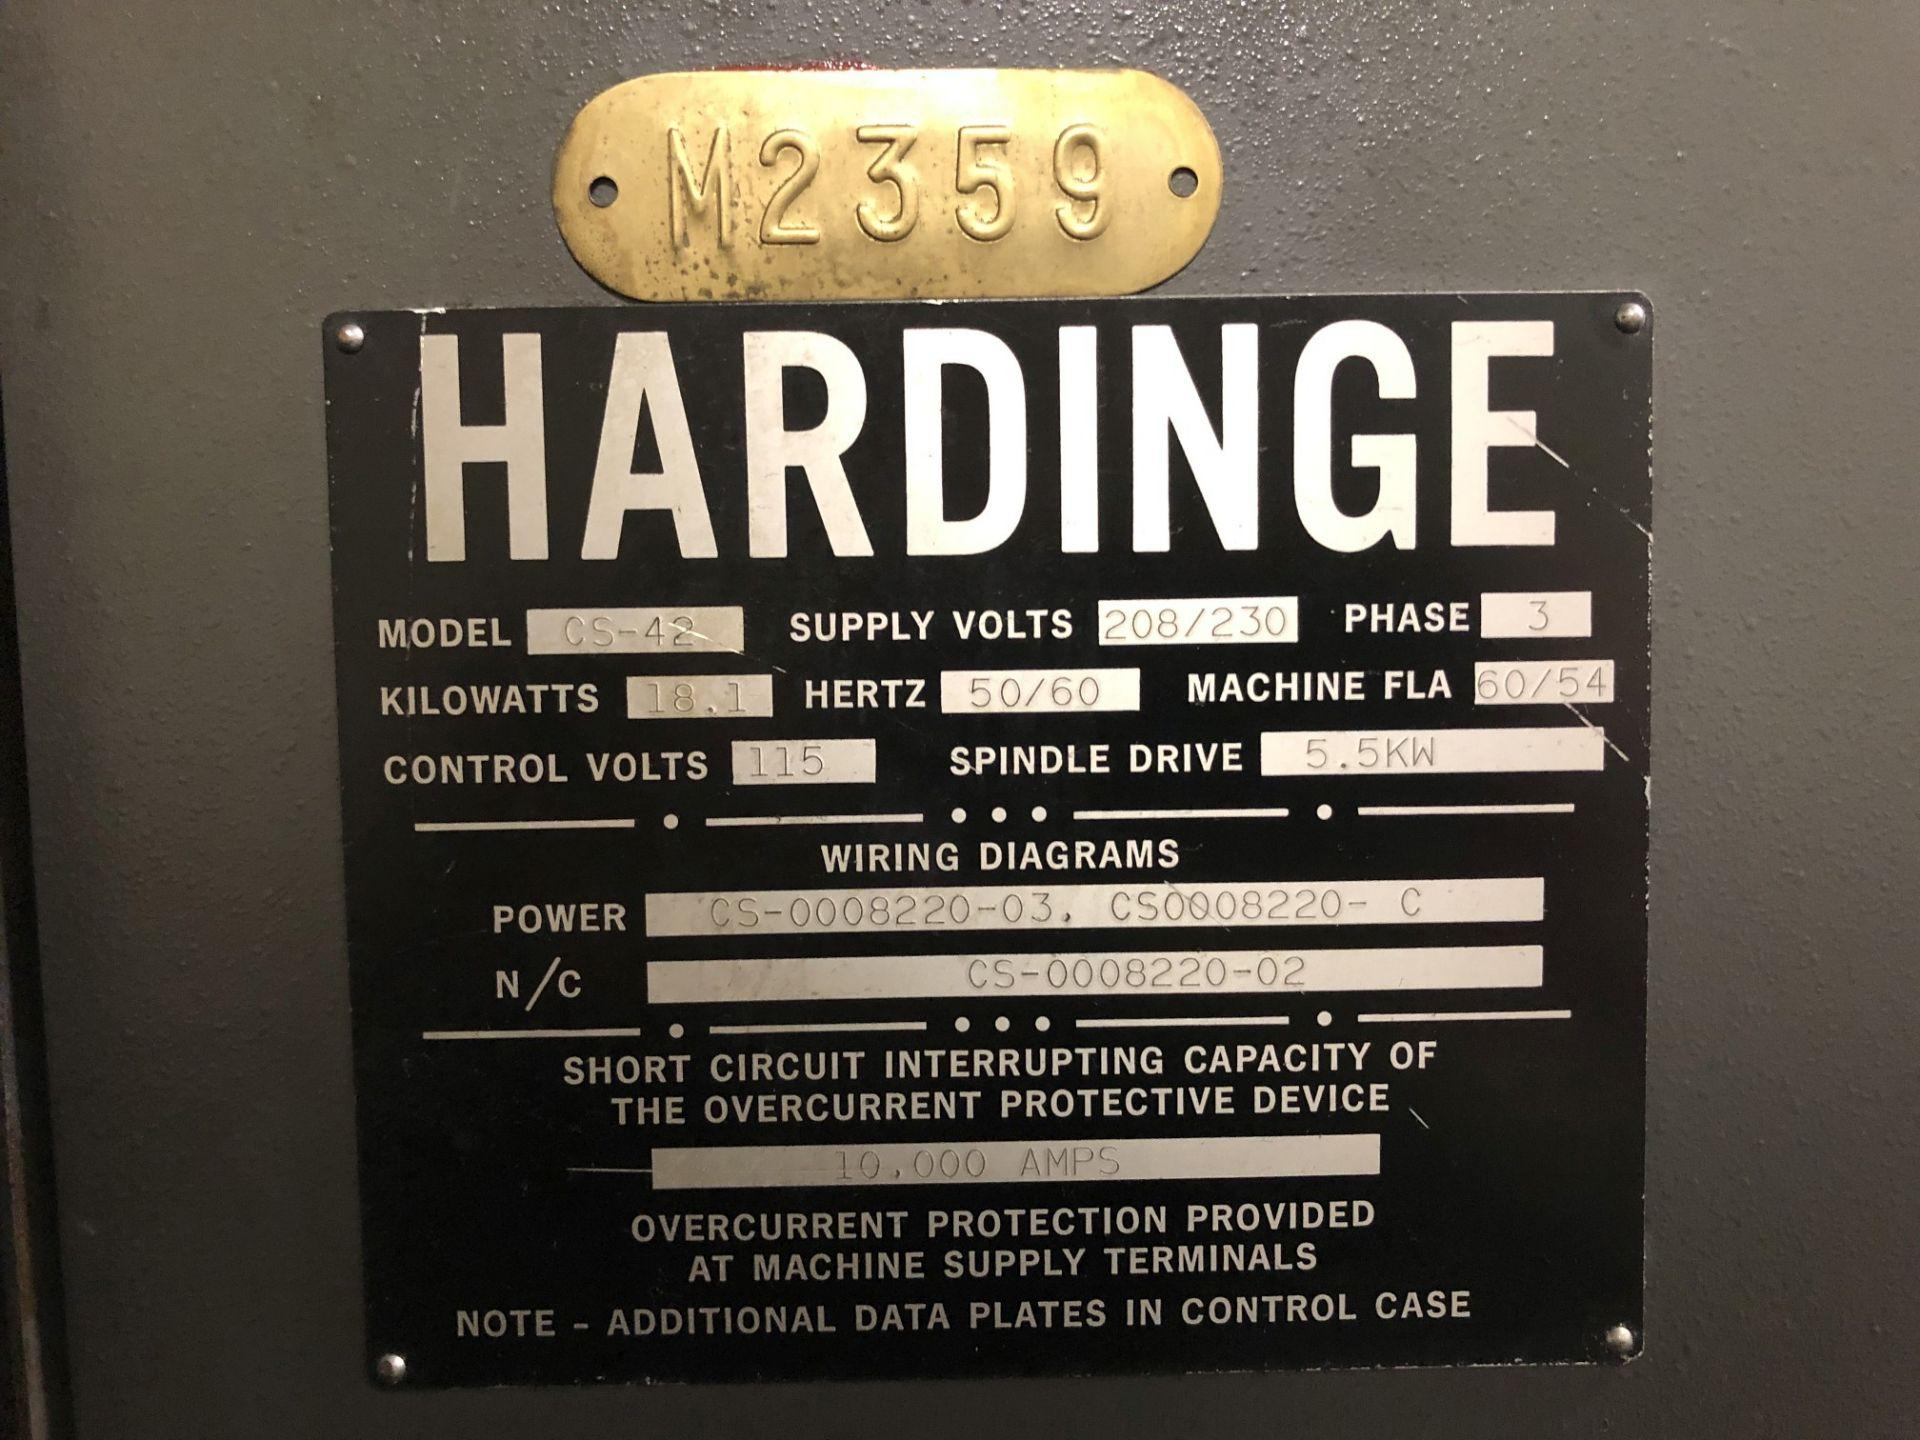 Hardinge Conquest 42 CNC Lathe - Image 10 of 11